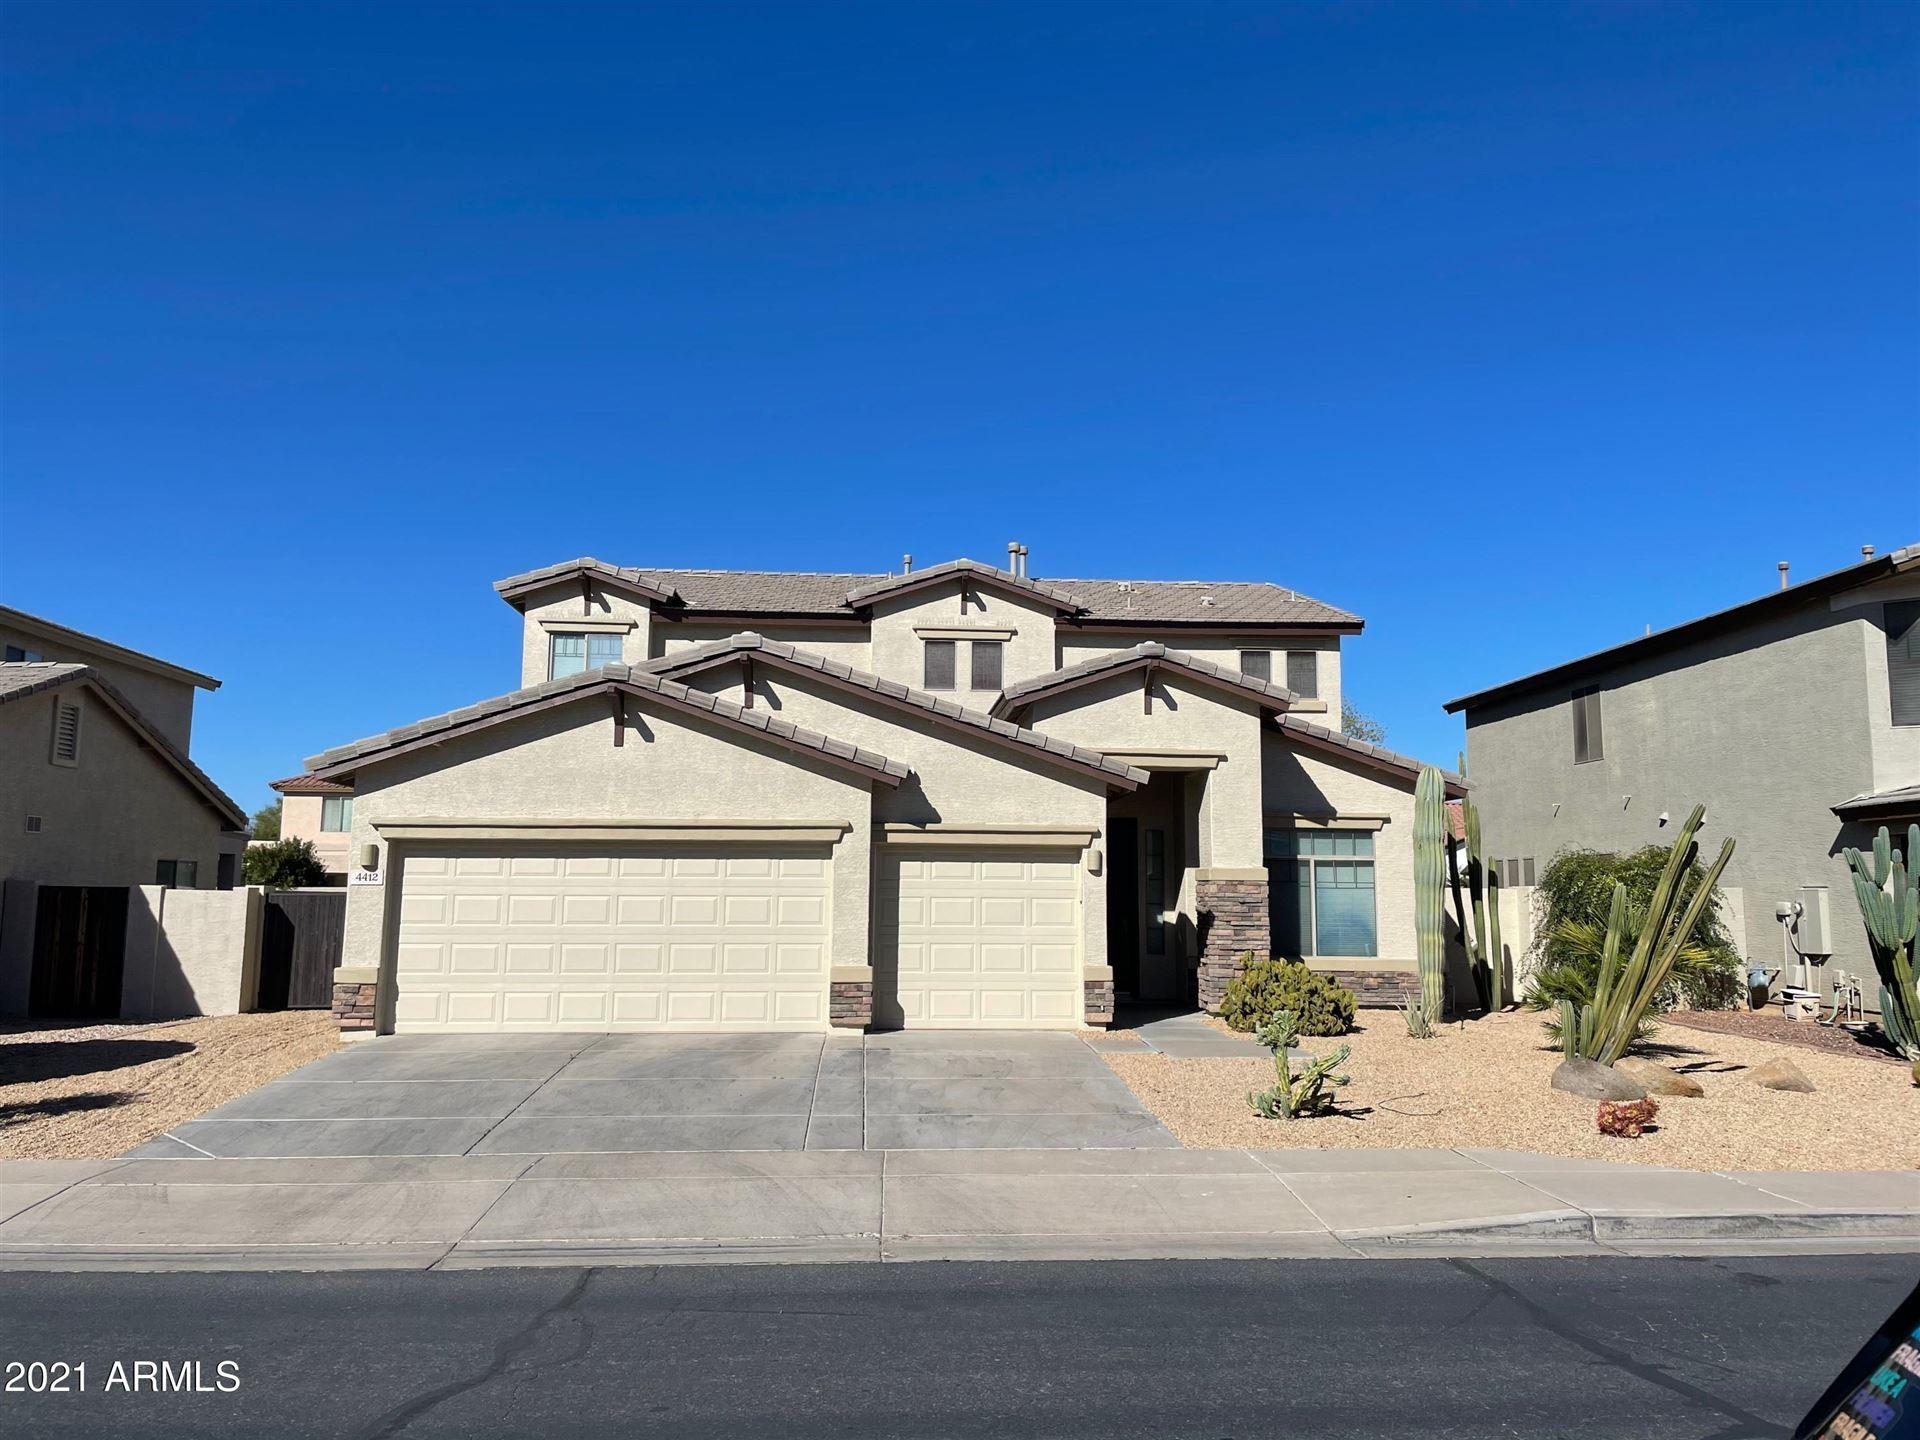 Photo of 4412 W PIEDMONT Road, Laveen, AZ 85339 (MLS # 6213894)